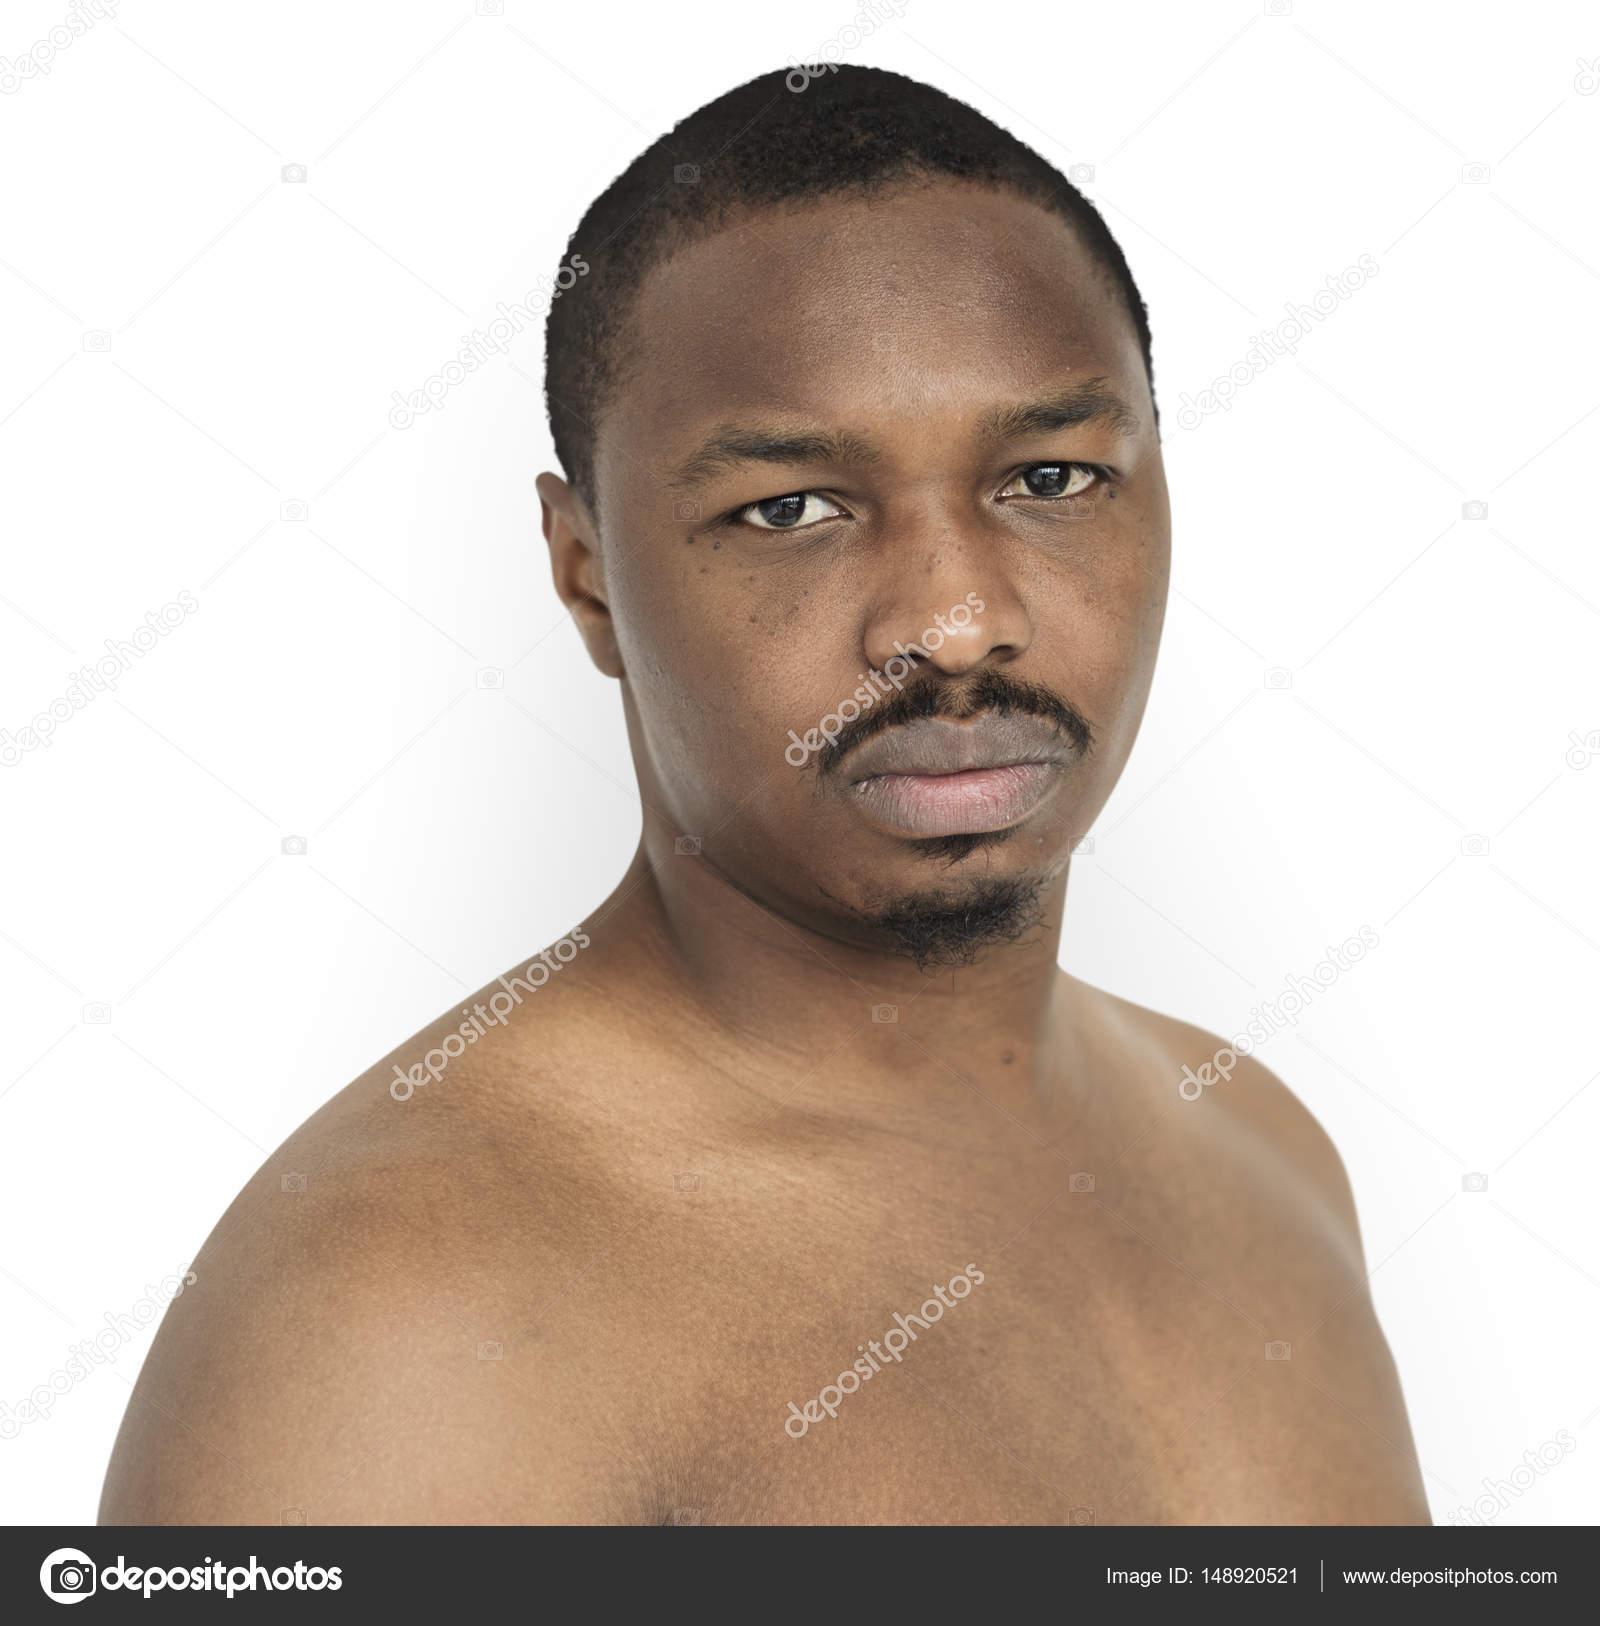 Μαύρο κώλο φωτογραφίες σεξ